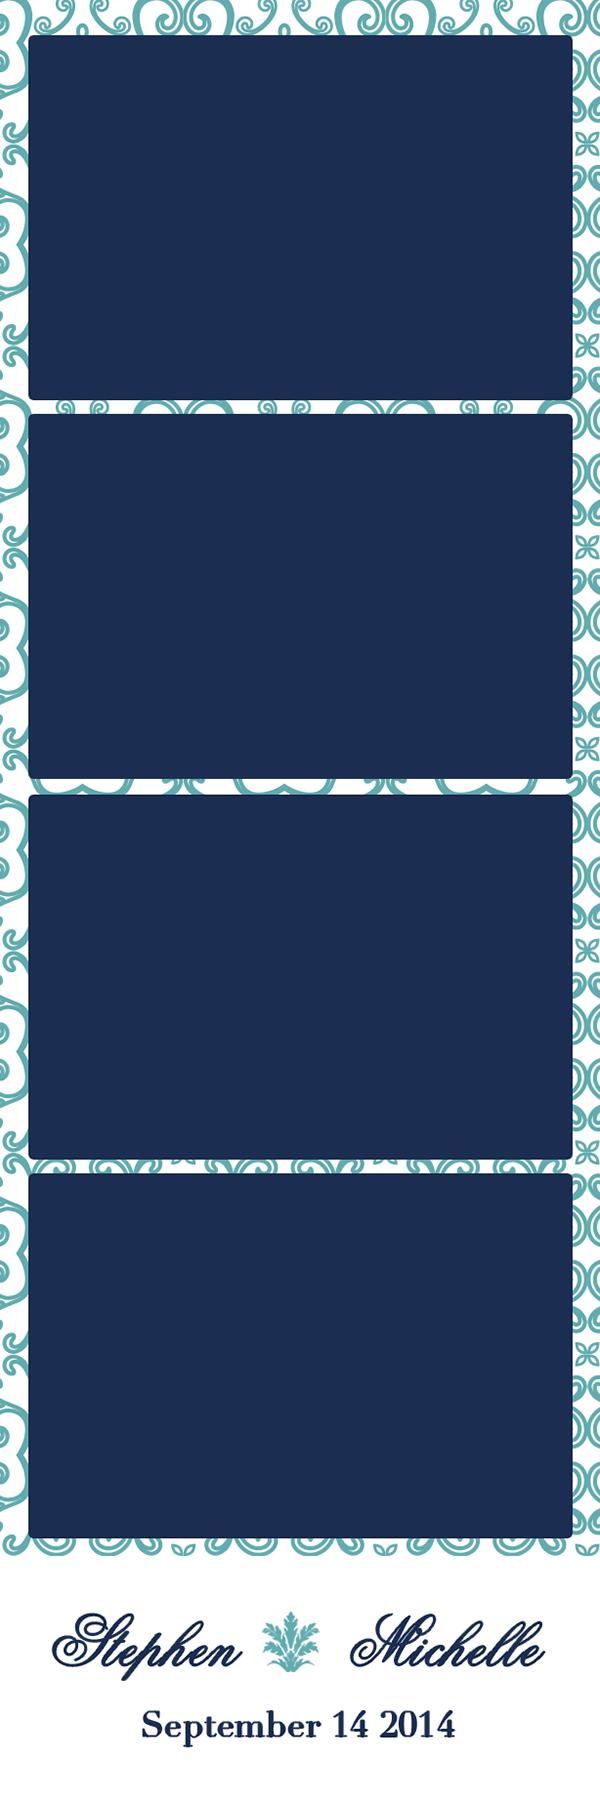 030B_AquaDecor_4UP_D1.png